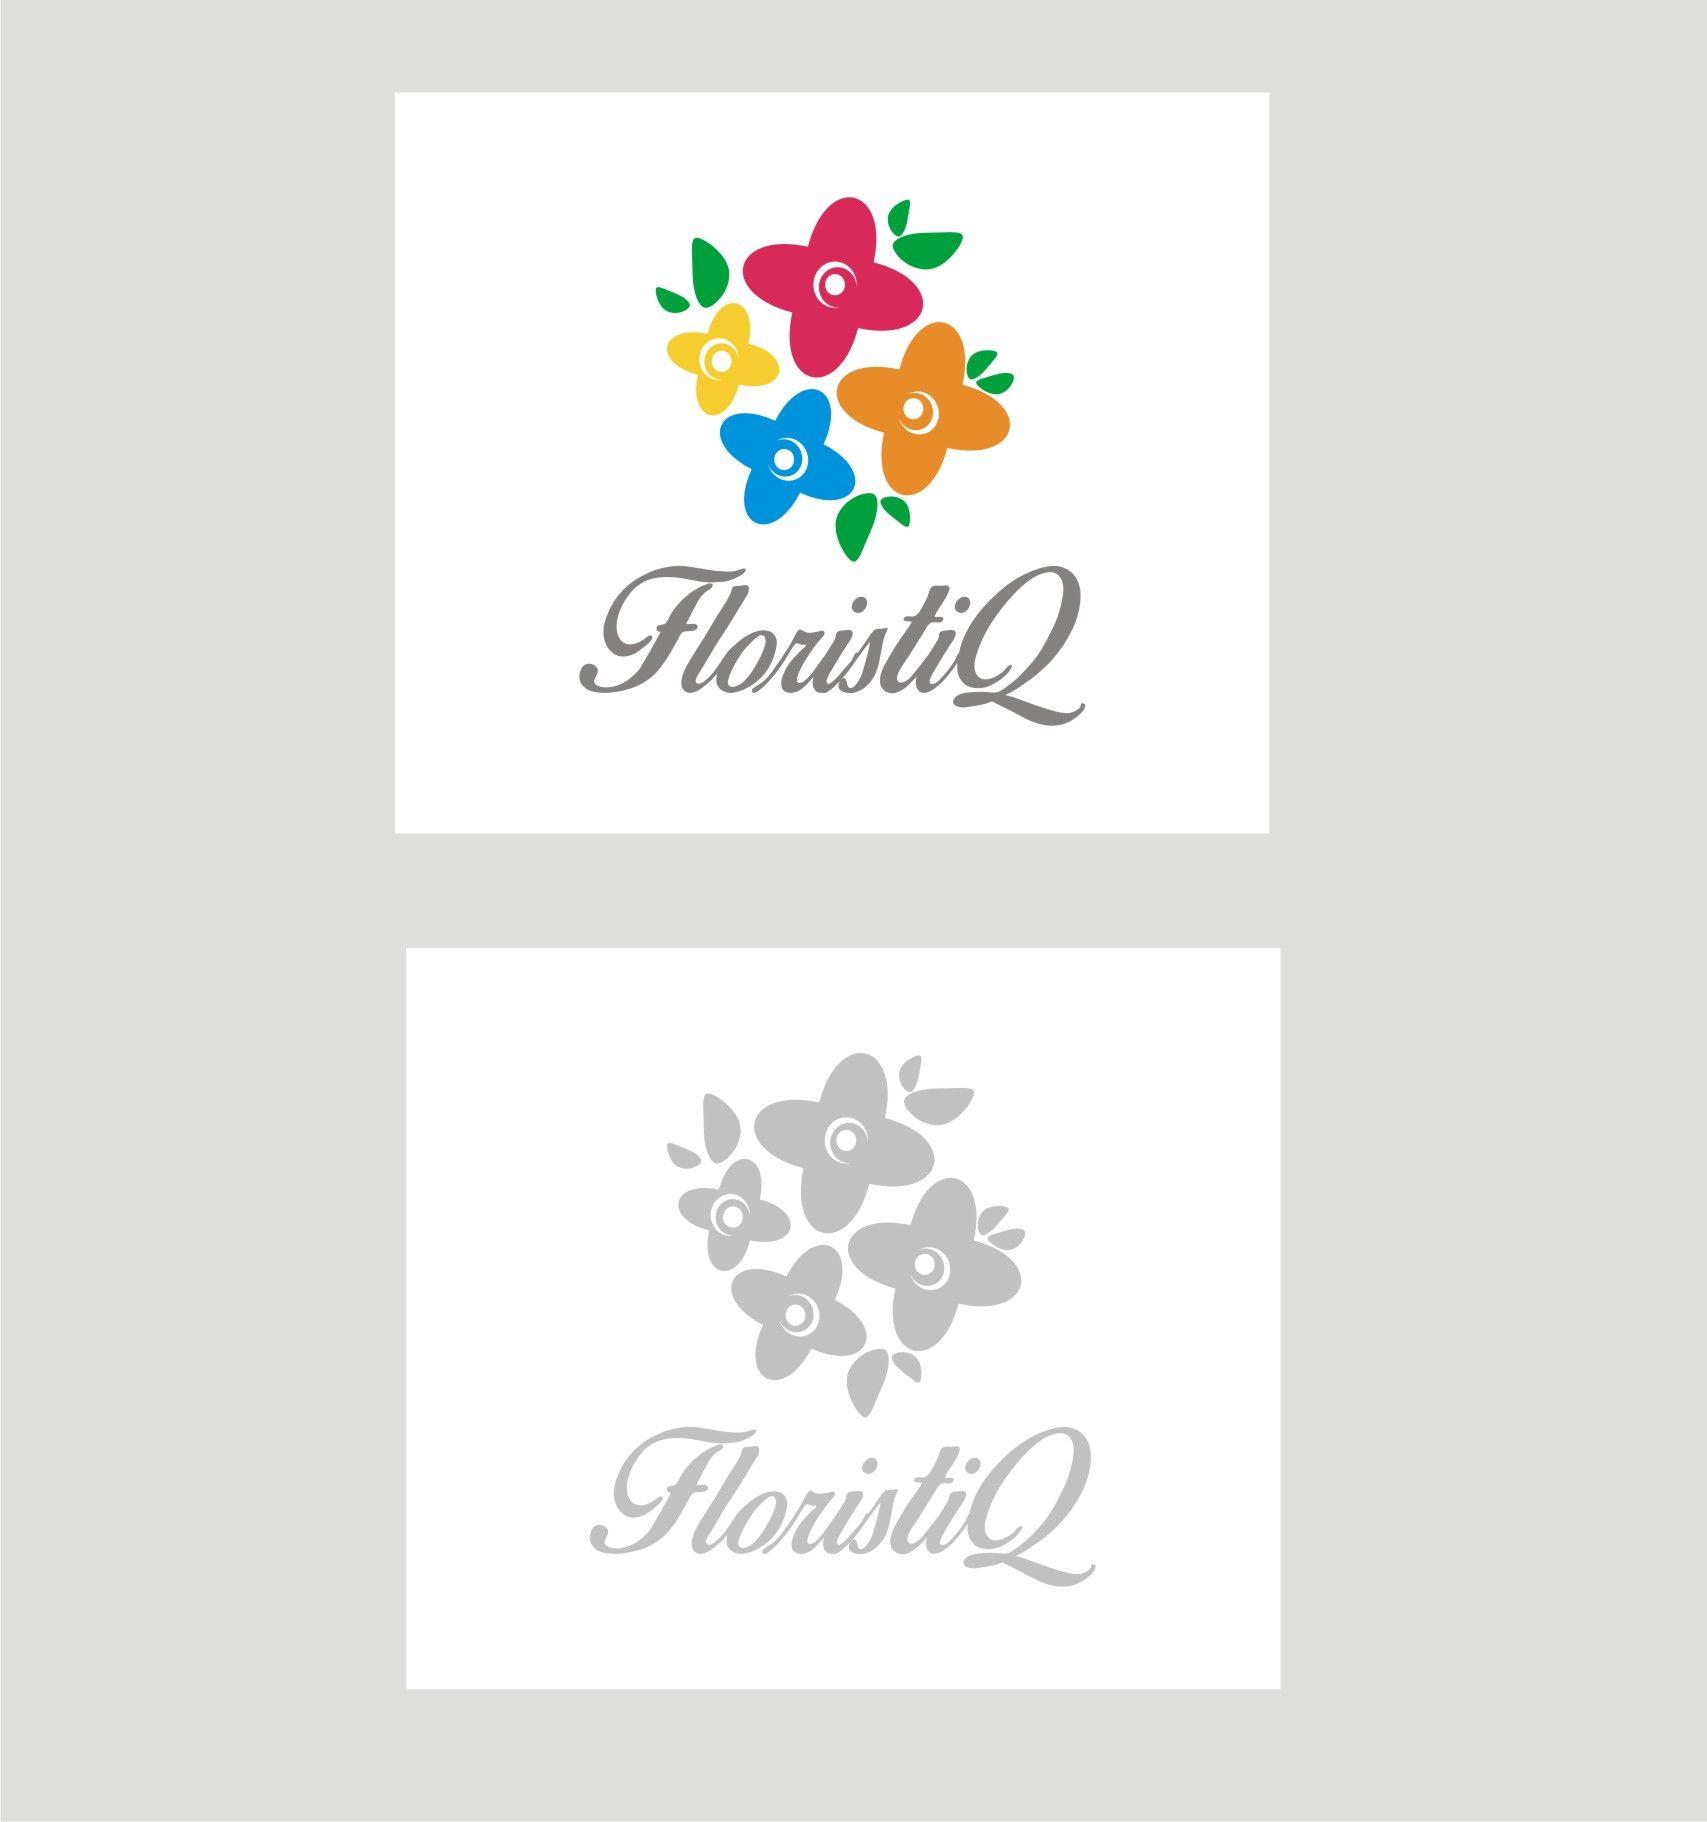 Логотип и фирм. стиль цветочного салона - дизайнер dbyjuhfl